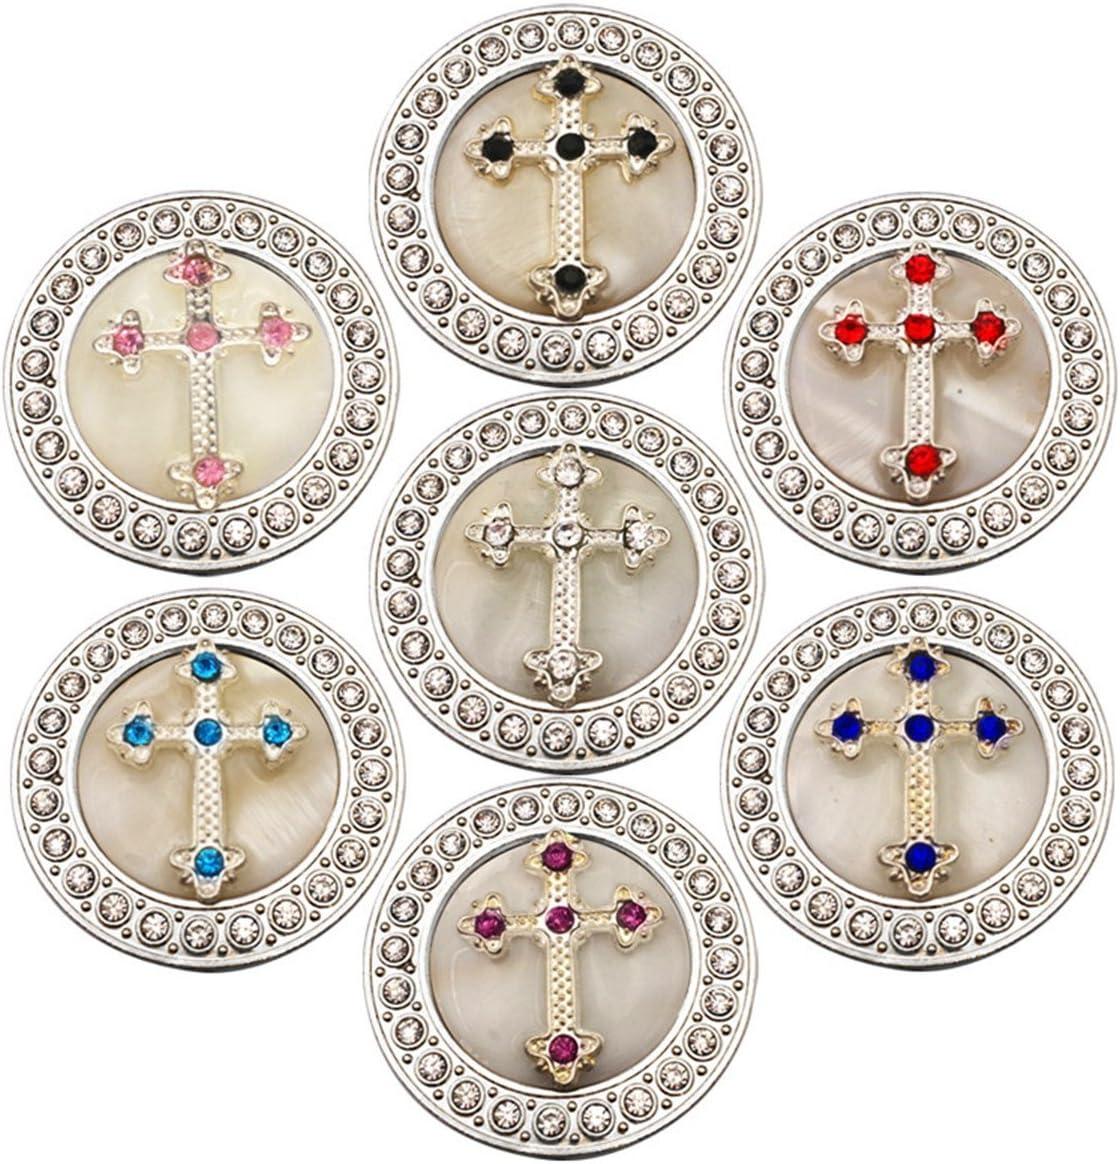 Reizteko Purse Hook, Rhinestone Religious Cross Foldable Handbag Purse Hanger Hook Holder for Tables (Pack of 7)